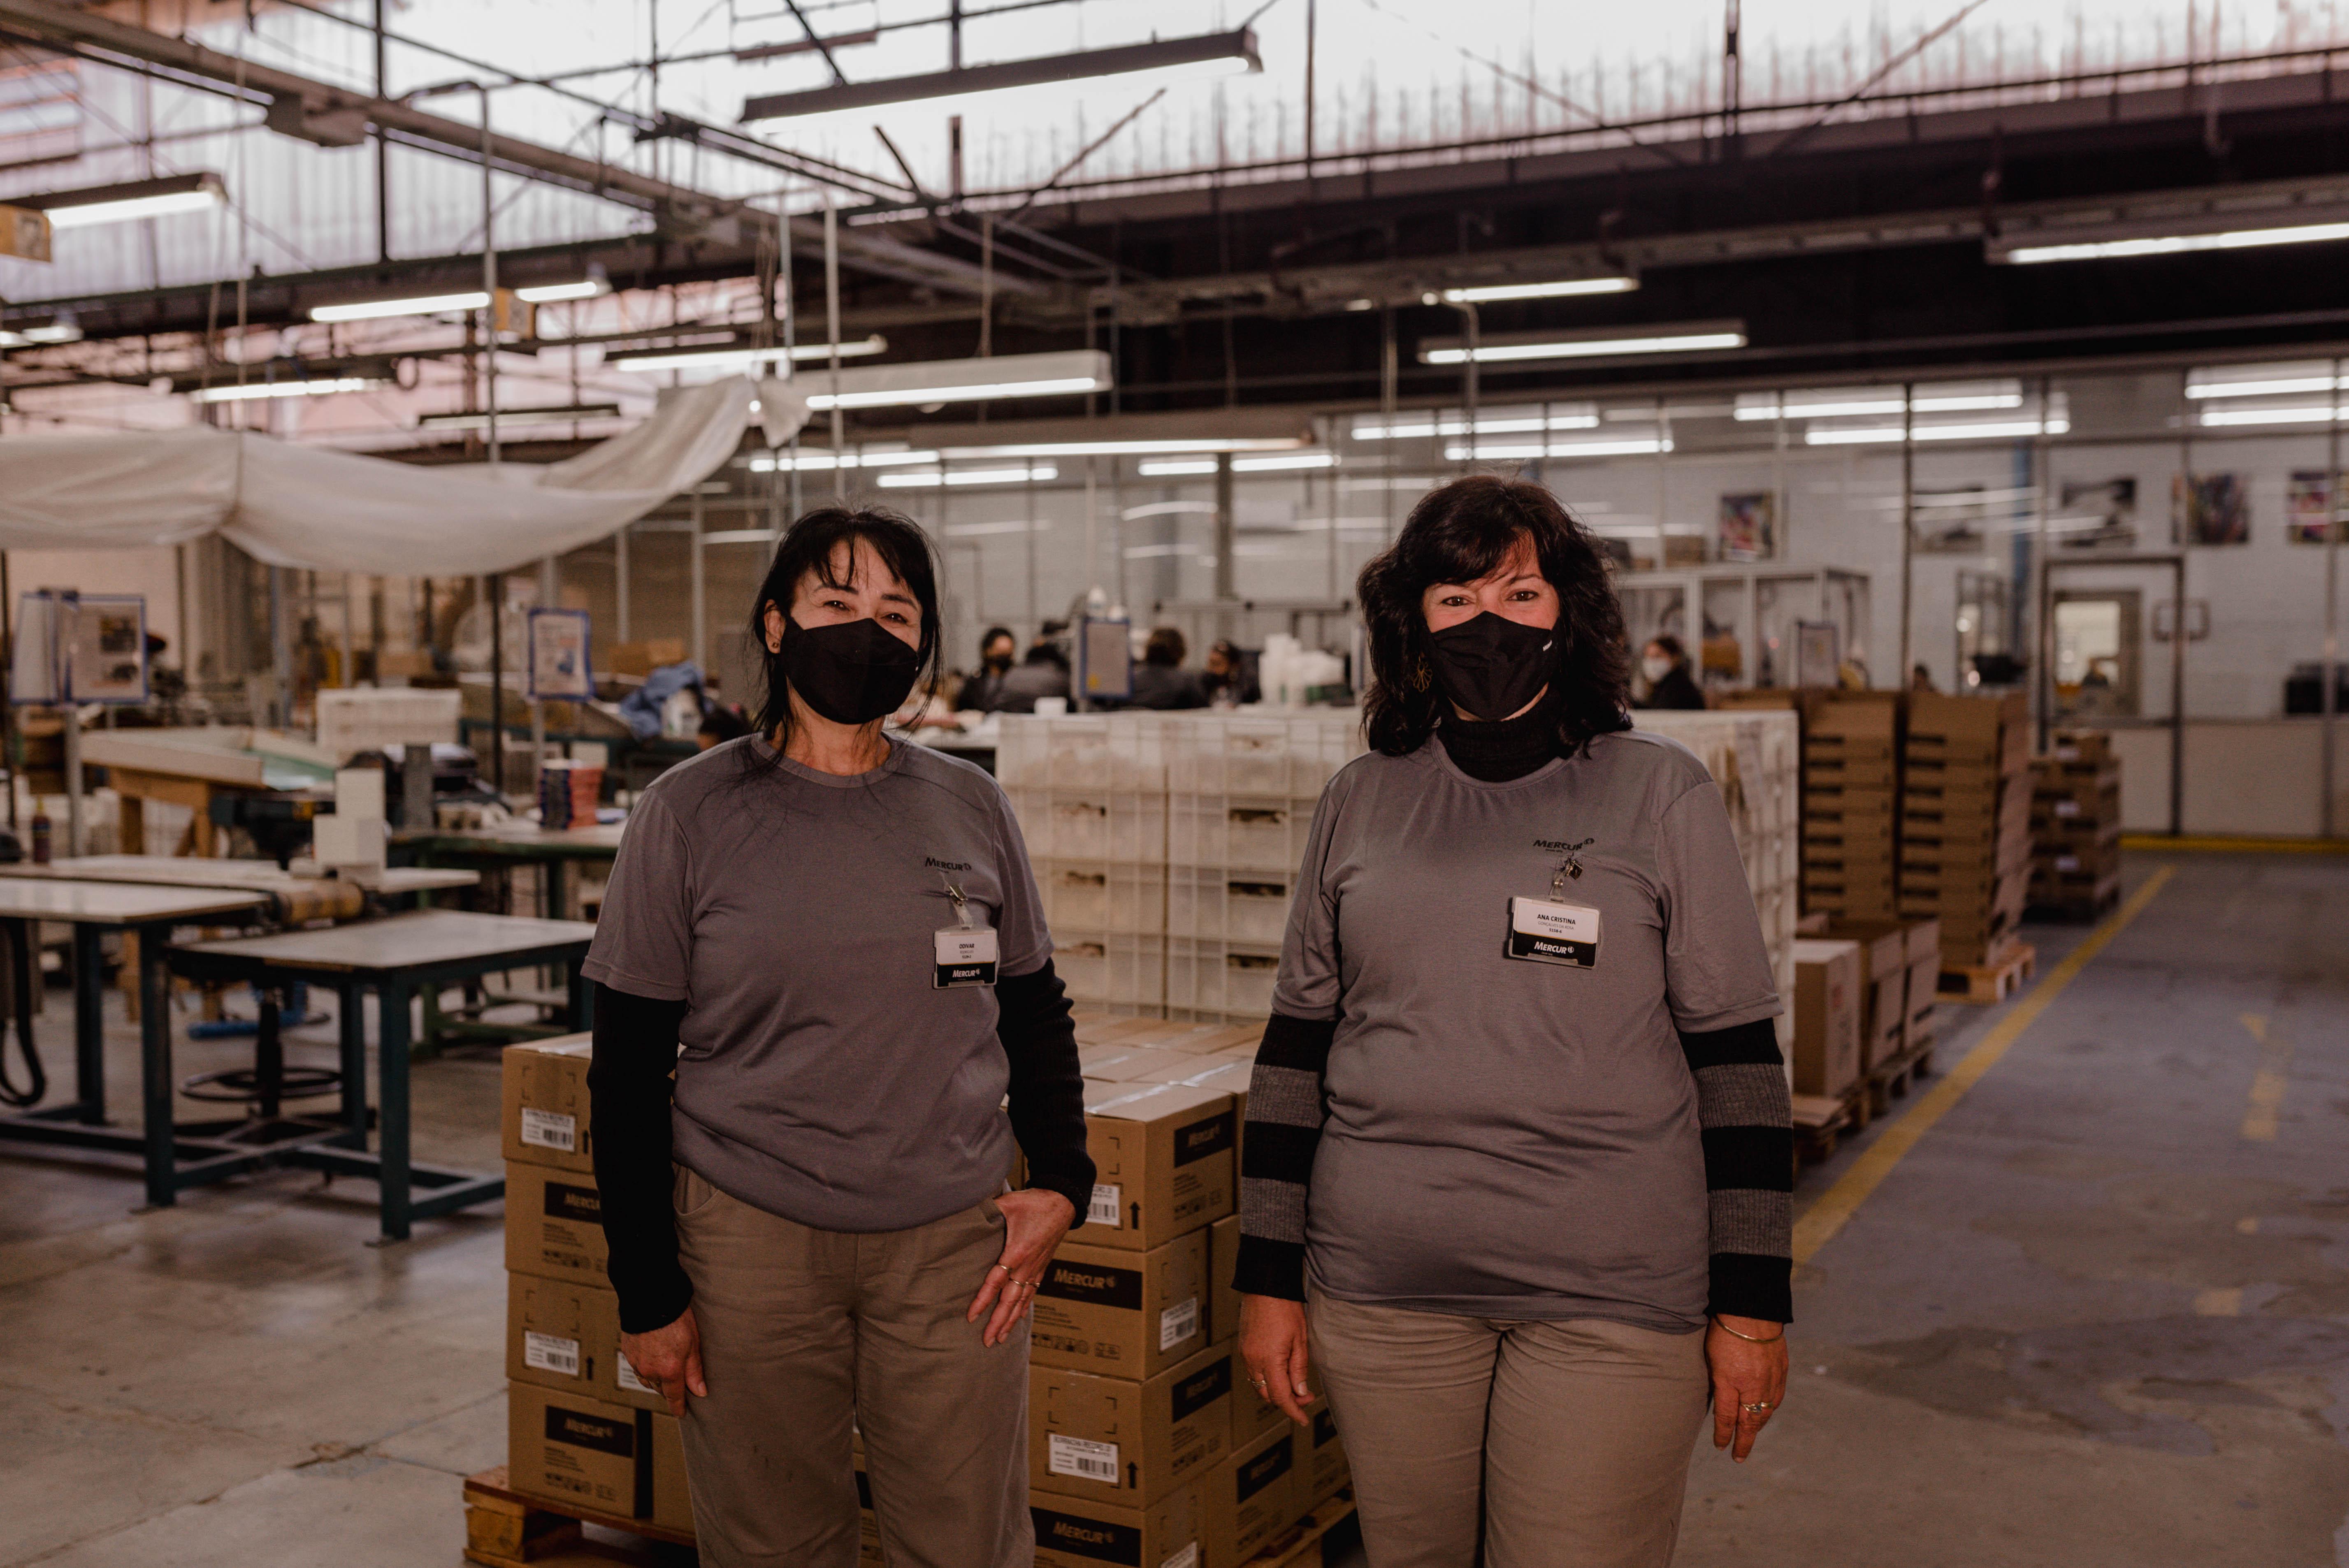 A Odivar e a Ana são colaboradoras da Mercur há 30 e 25 anos, respectivamente, e integram a equipe de produção.<strong>#PraCegoVer</strong> Duas mulheres estão de pé, lado a lado em uma fábrica. Elas usam uniforme cinza e máscaras pretas.